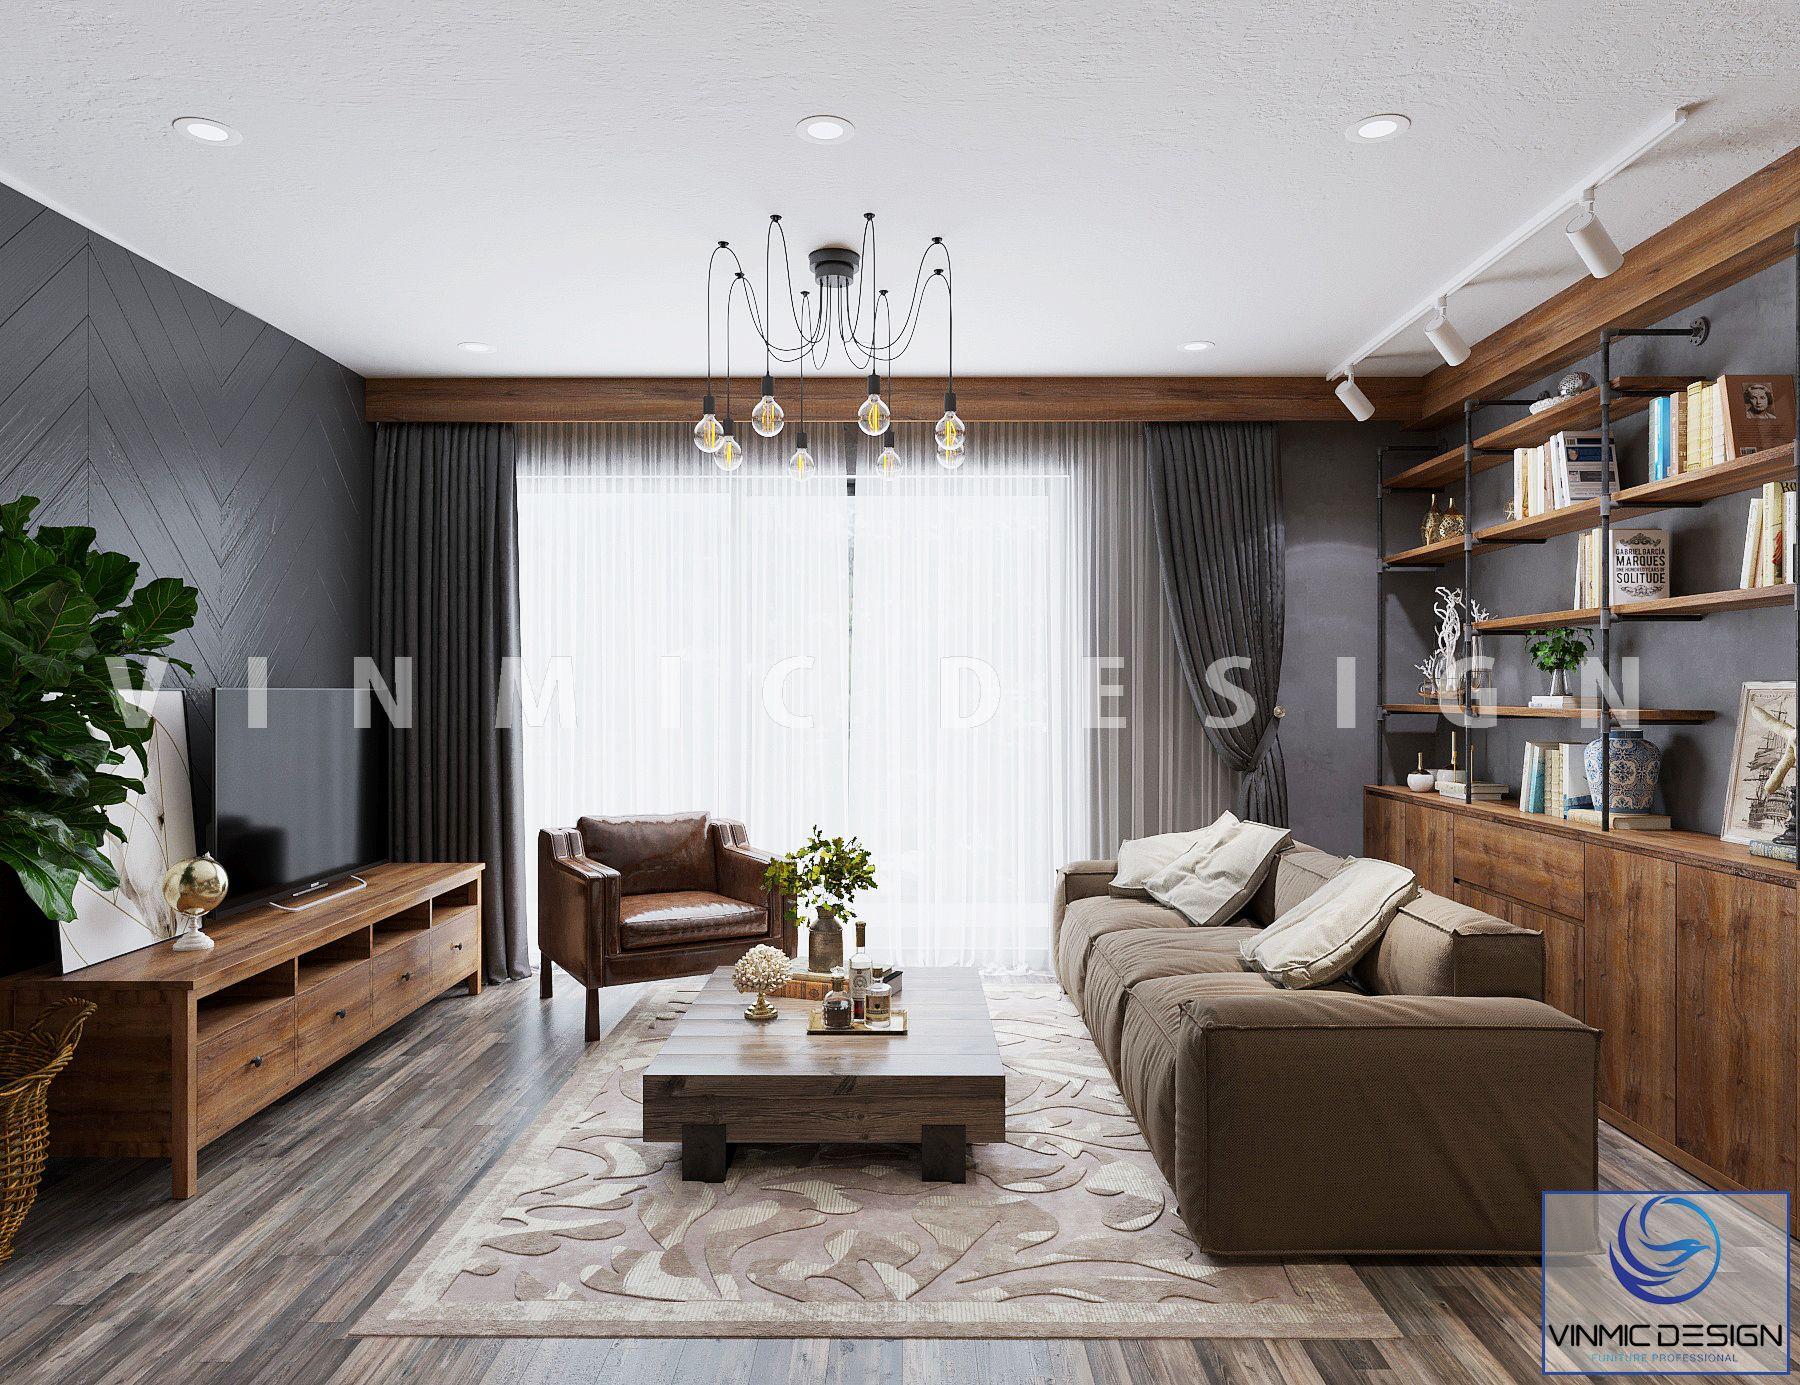 Bộ sofa ấn tượng với chất liệu gỗ Sồi được thể hiện ở phòng khách